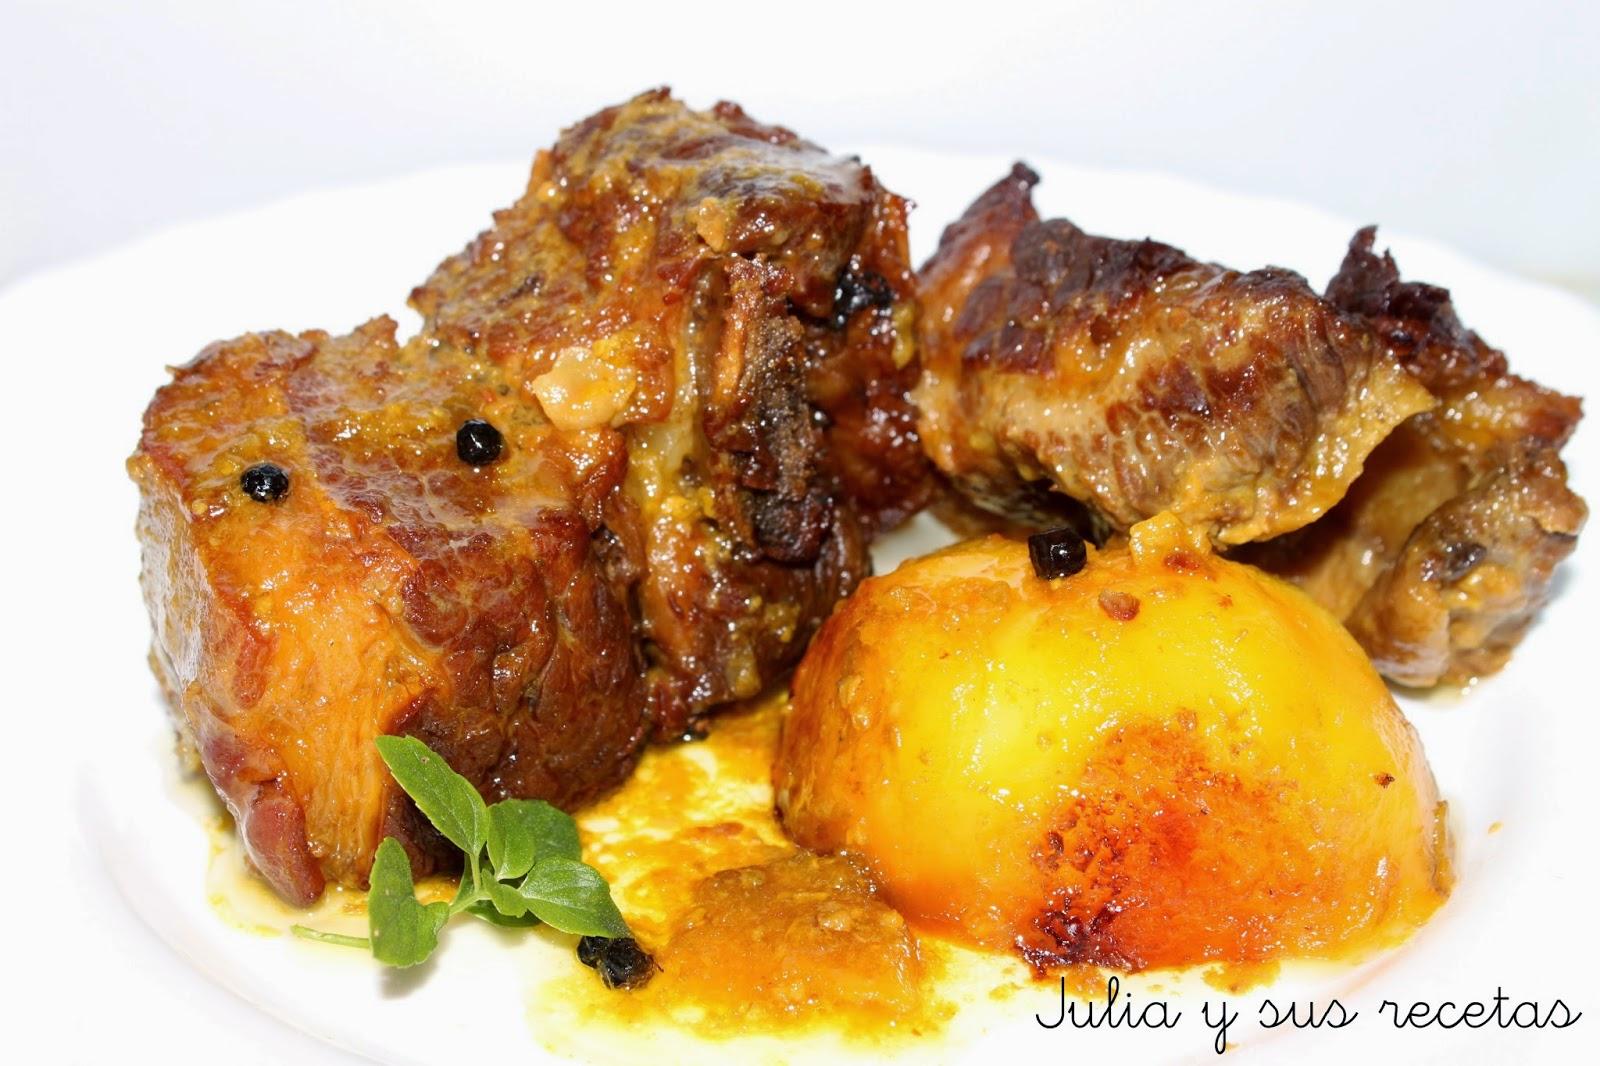 Julia y sus recetas falda de ternera al horno - Carnes rellenas al horno ...